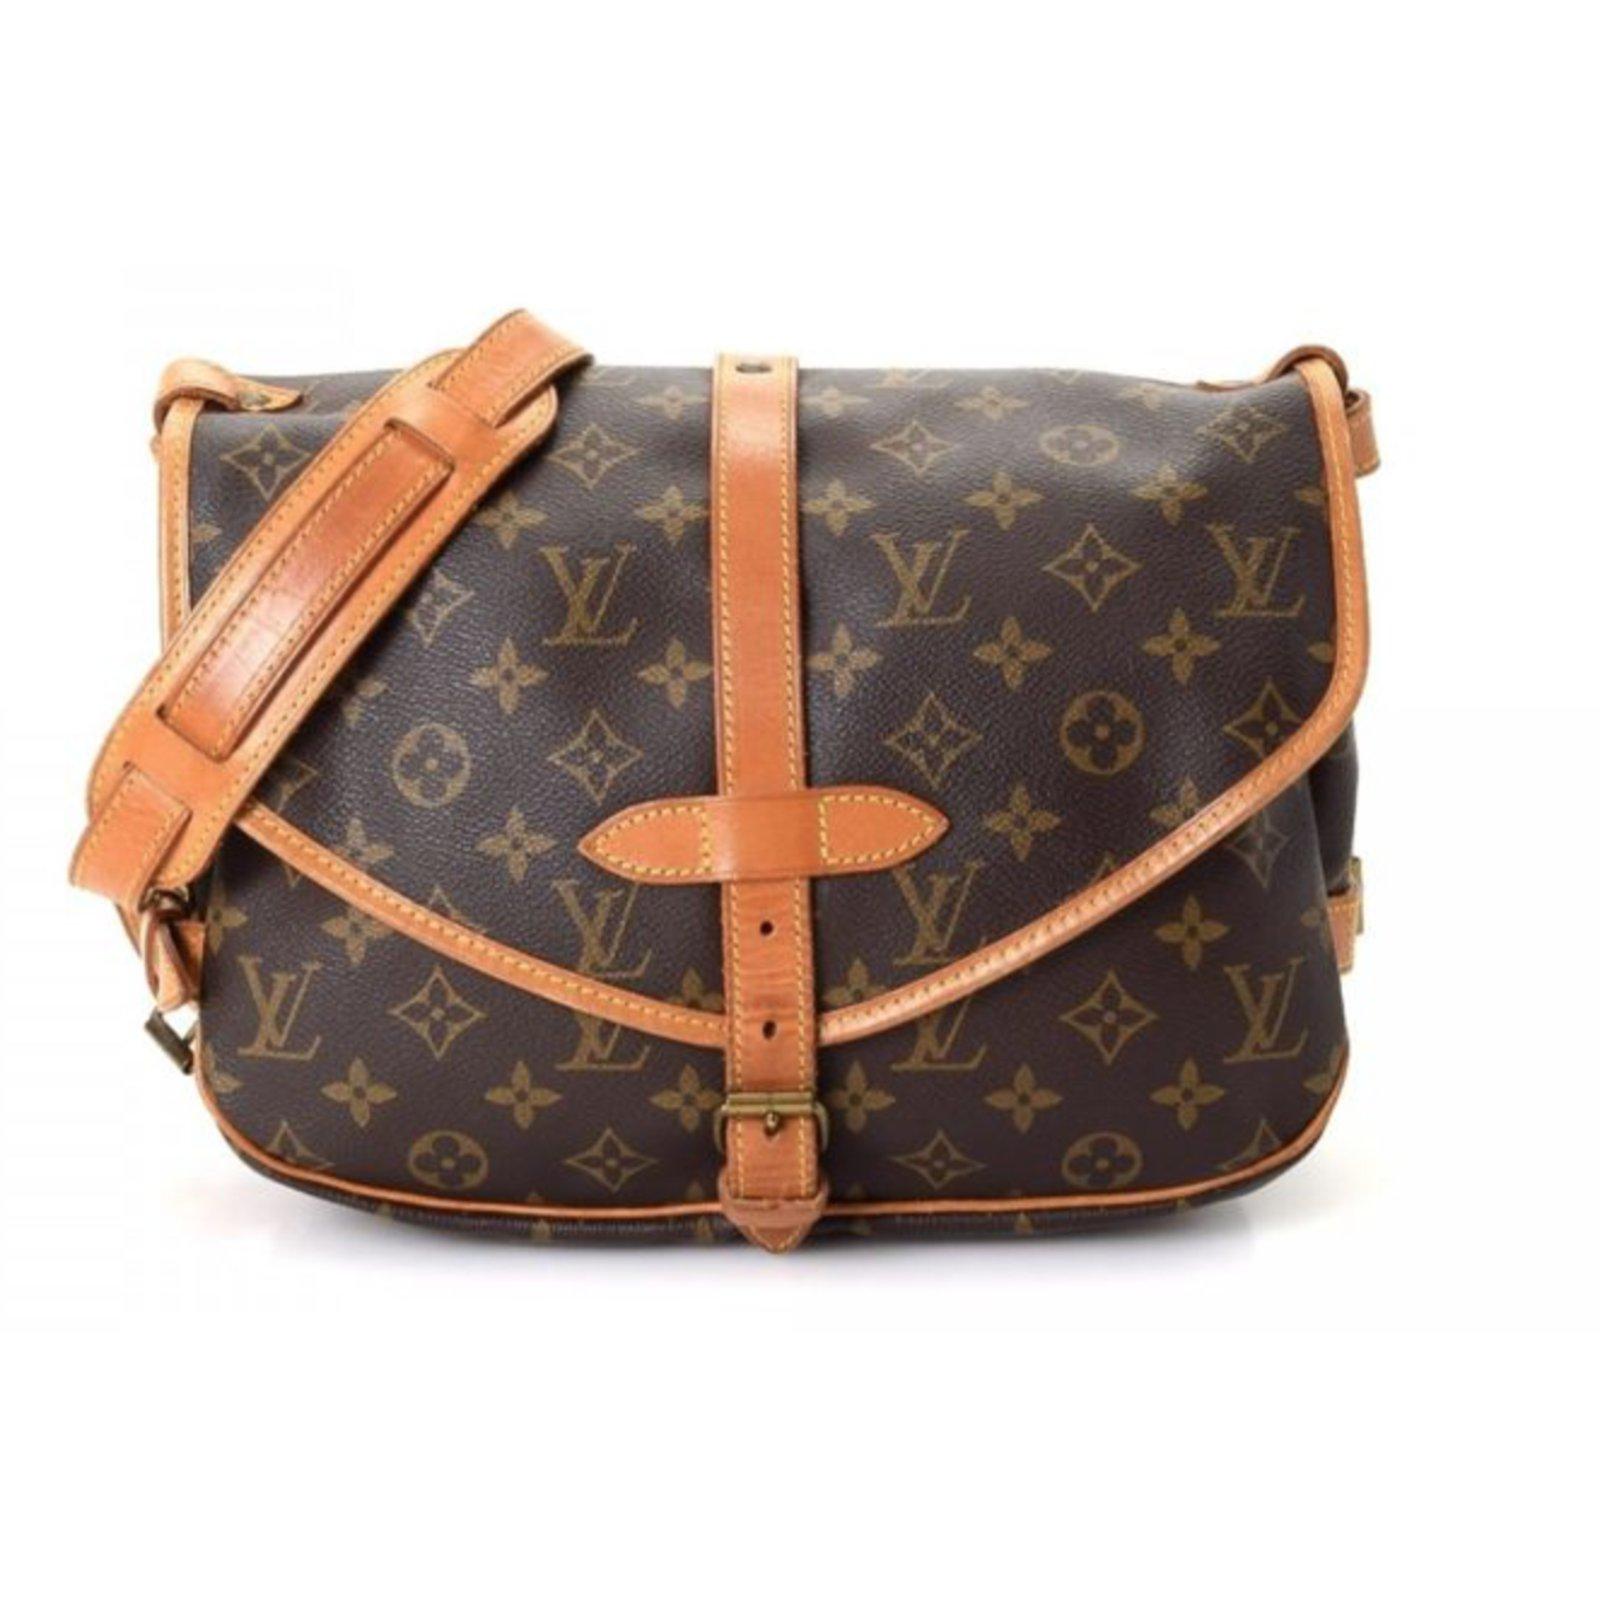 Sacs Louis Vuitton Saumur 30 Sac bandoulière - Vintage Cuir,Toile Marron  ref.72499 9b447c1eb3b